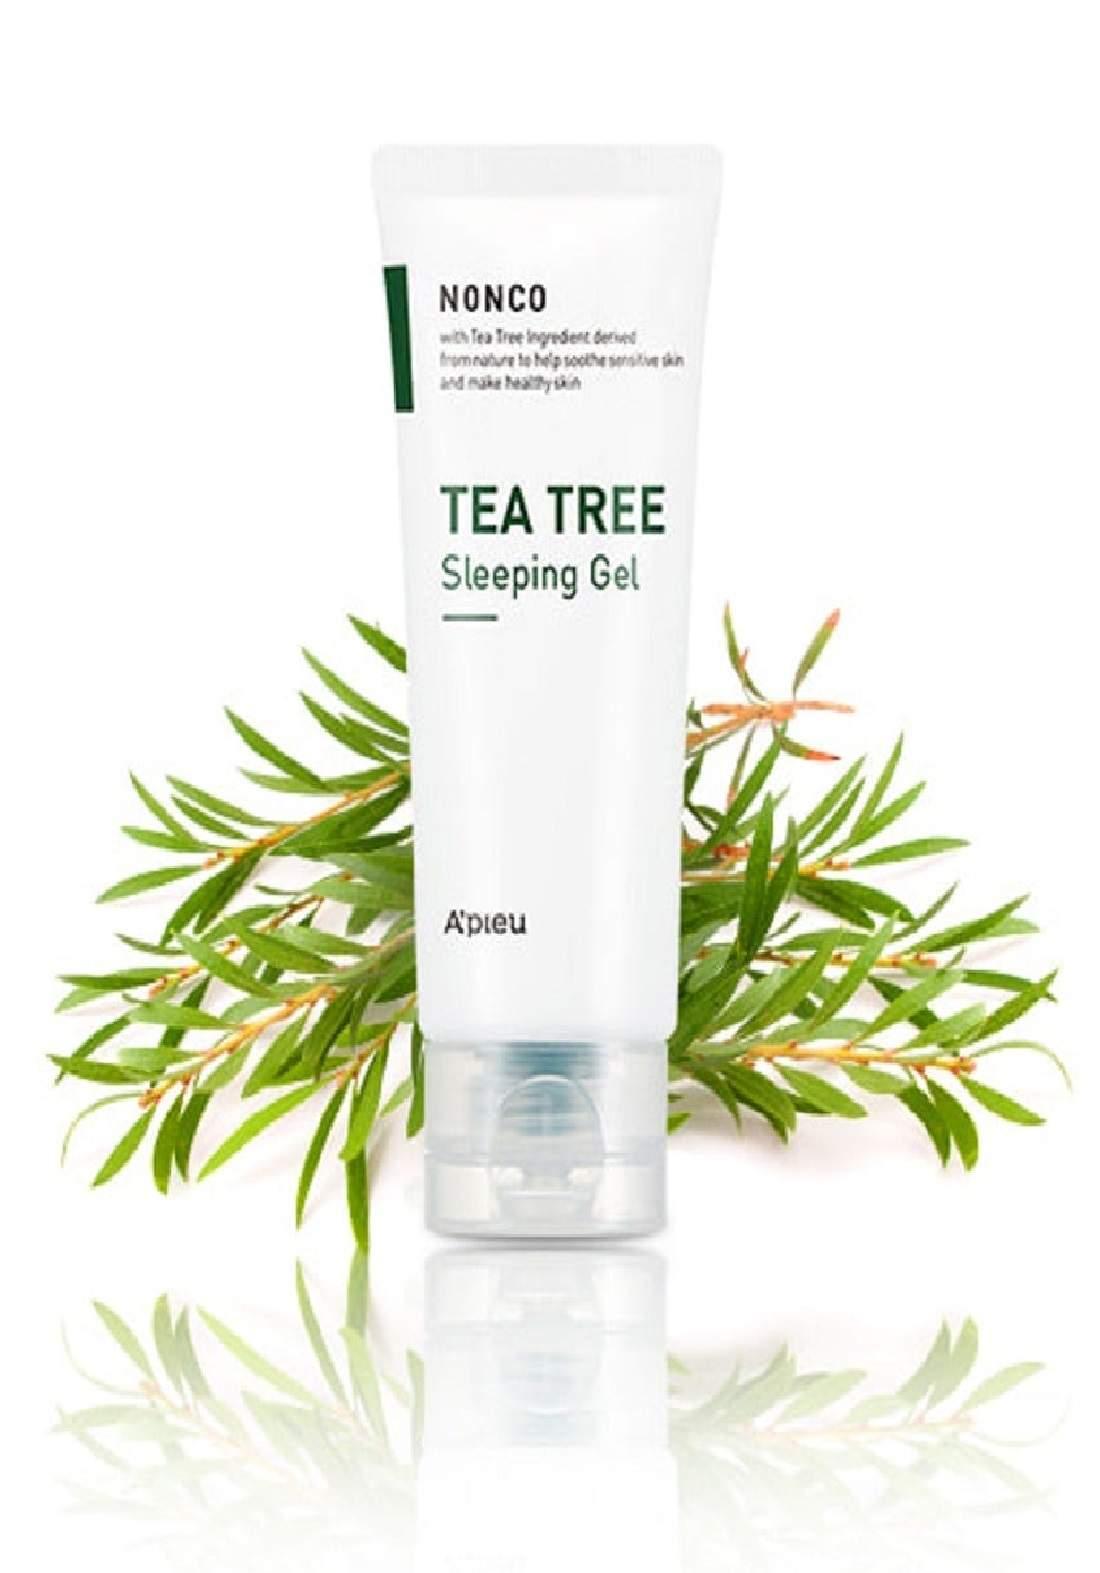 Apieu Tea Tree Gel جل شجرة الشاي لمعالجة حب الشباب من أبيو الكورية